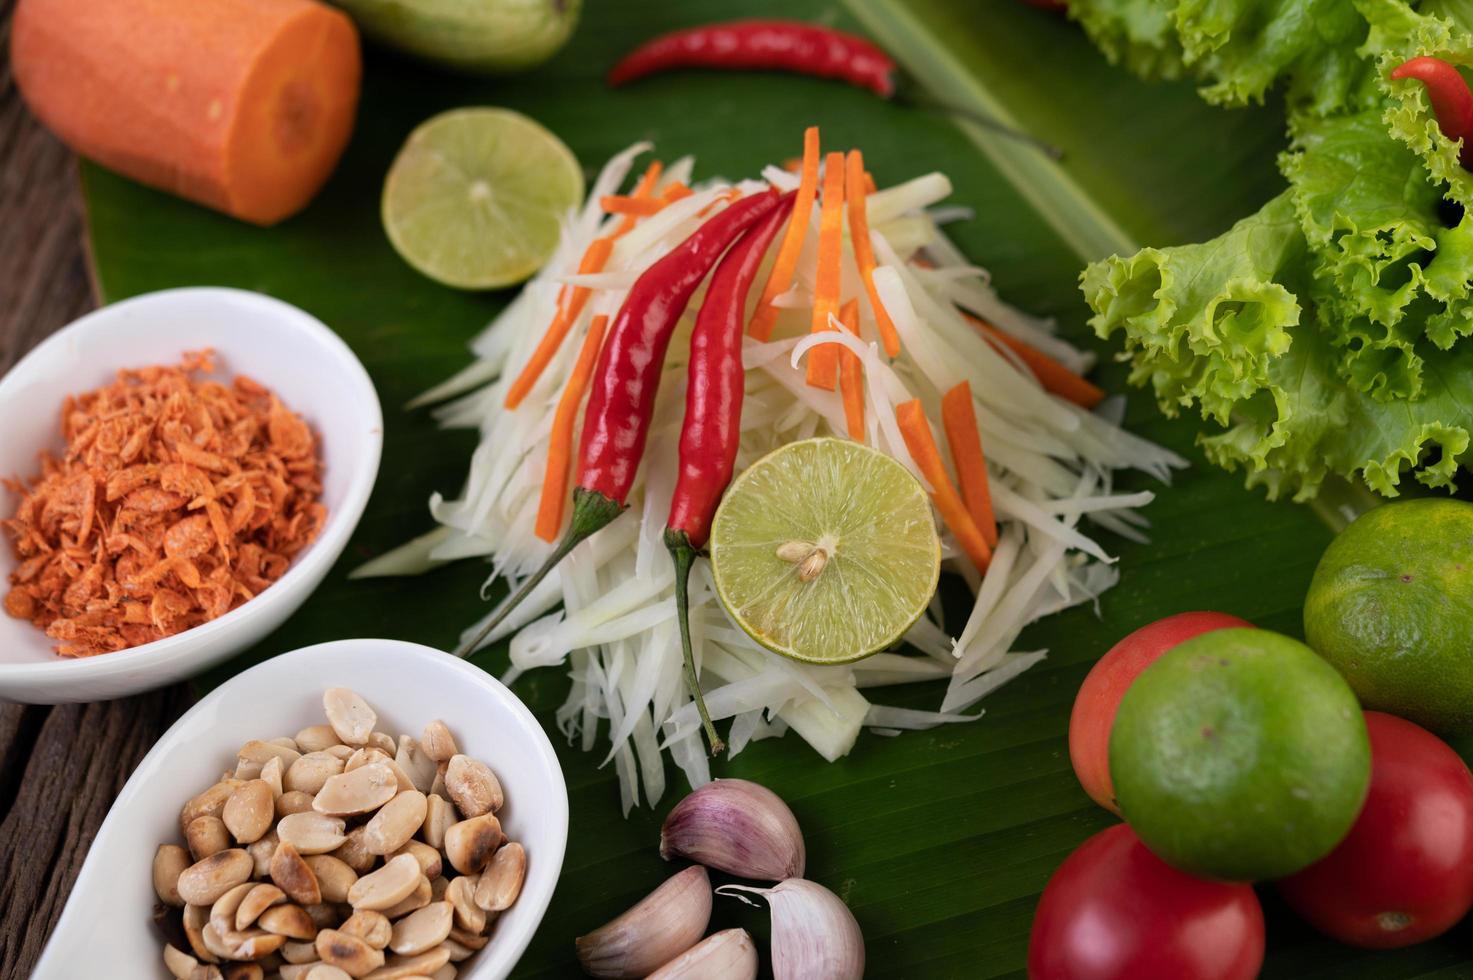 ingredientes frescos para salada de mamão foto